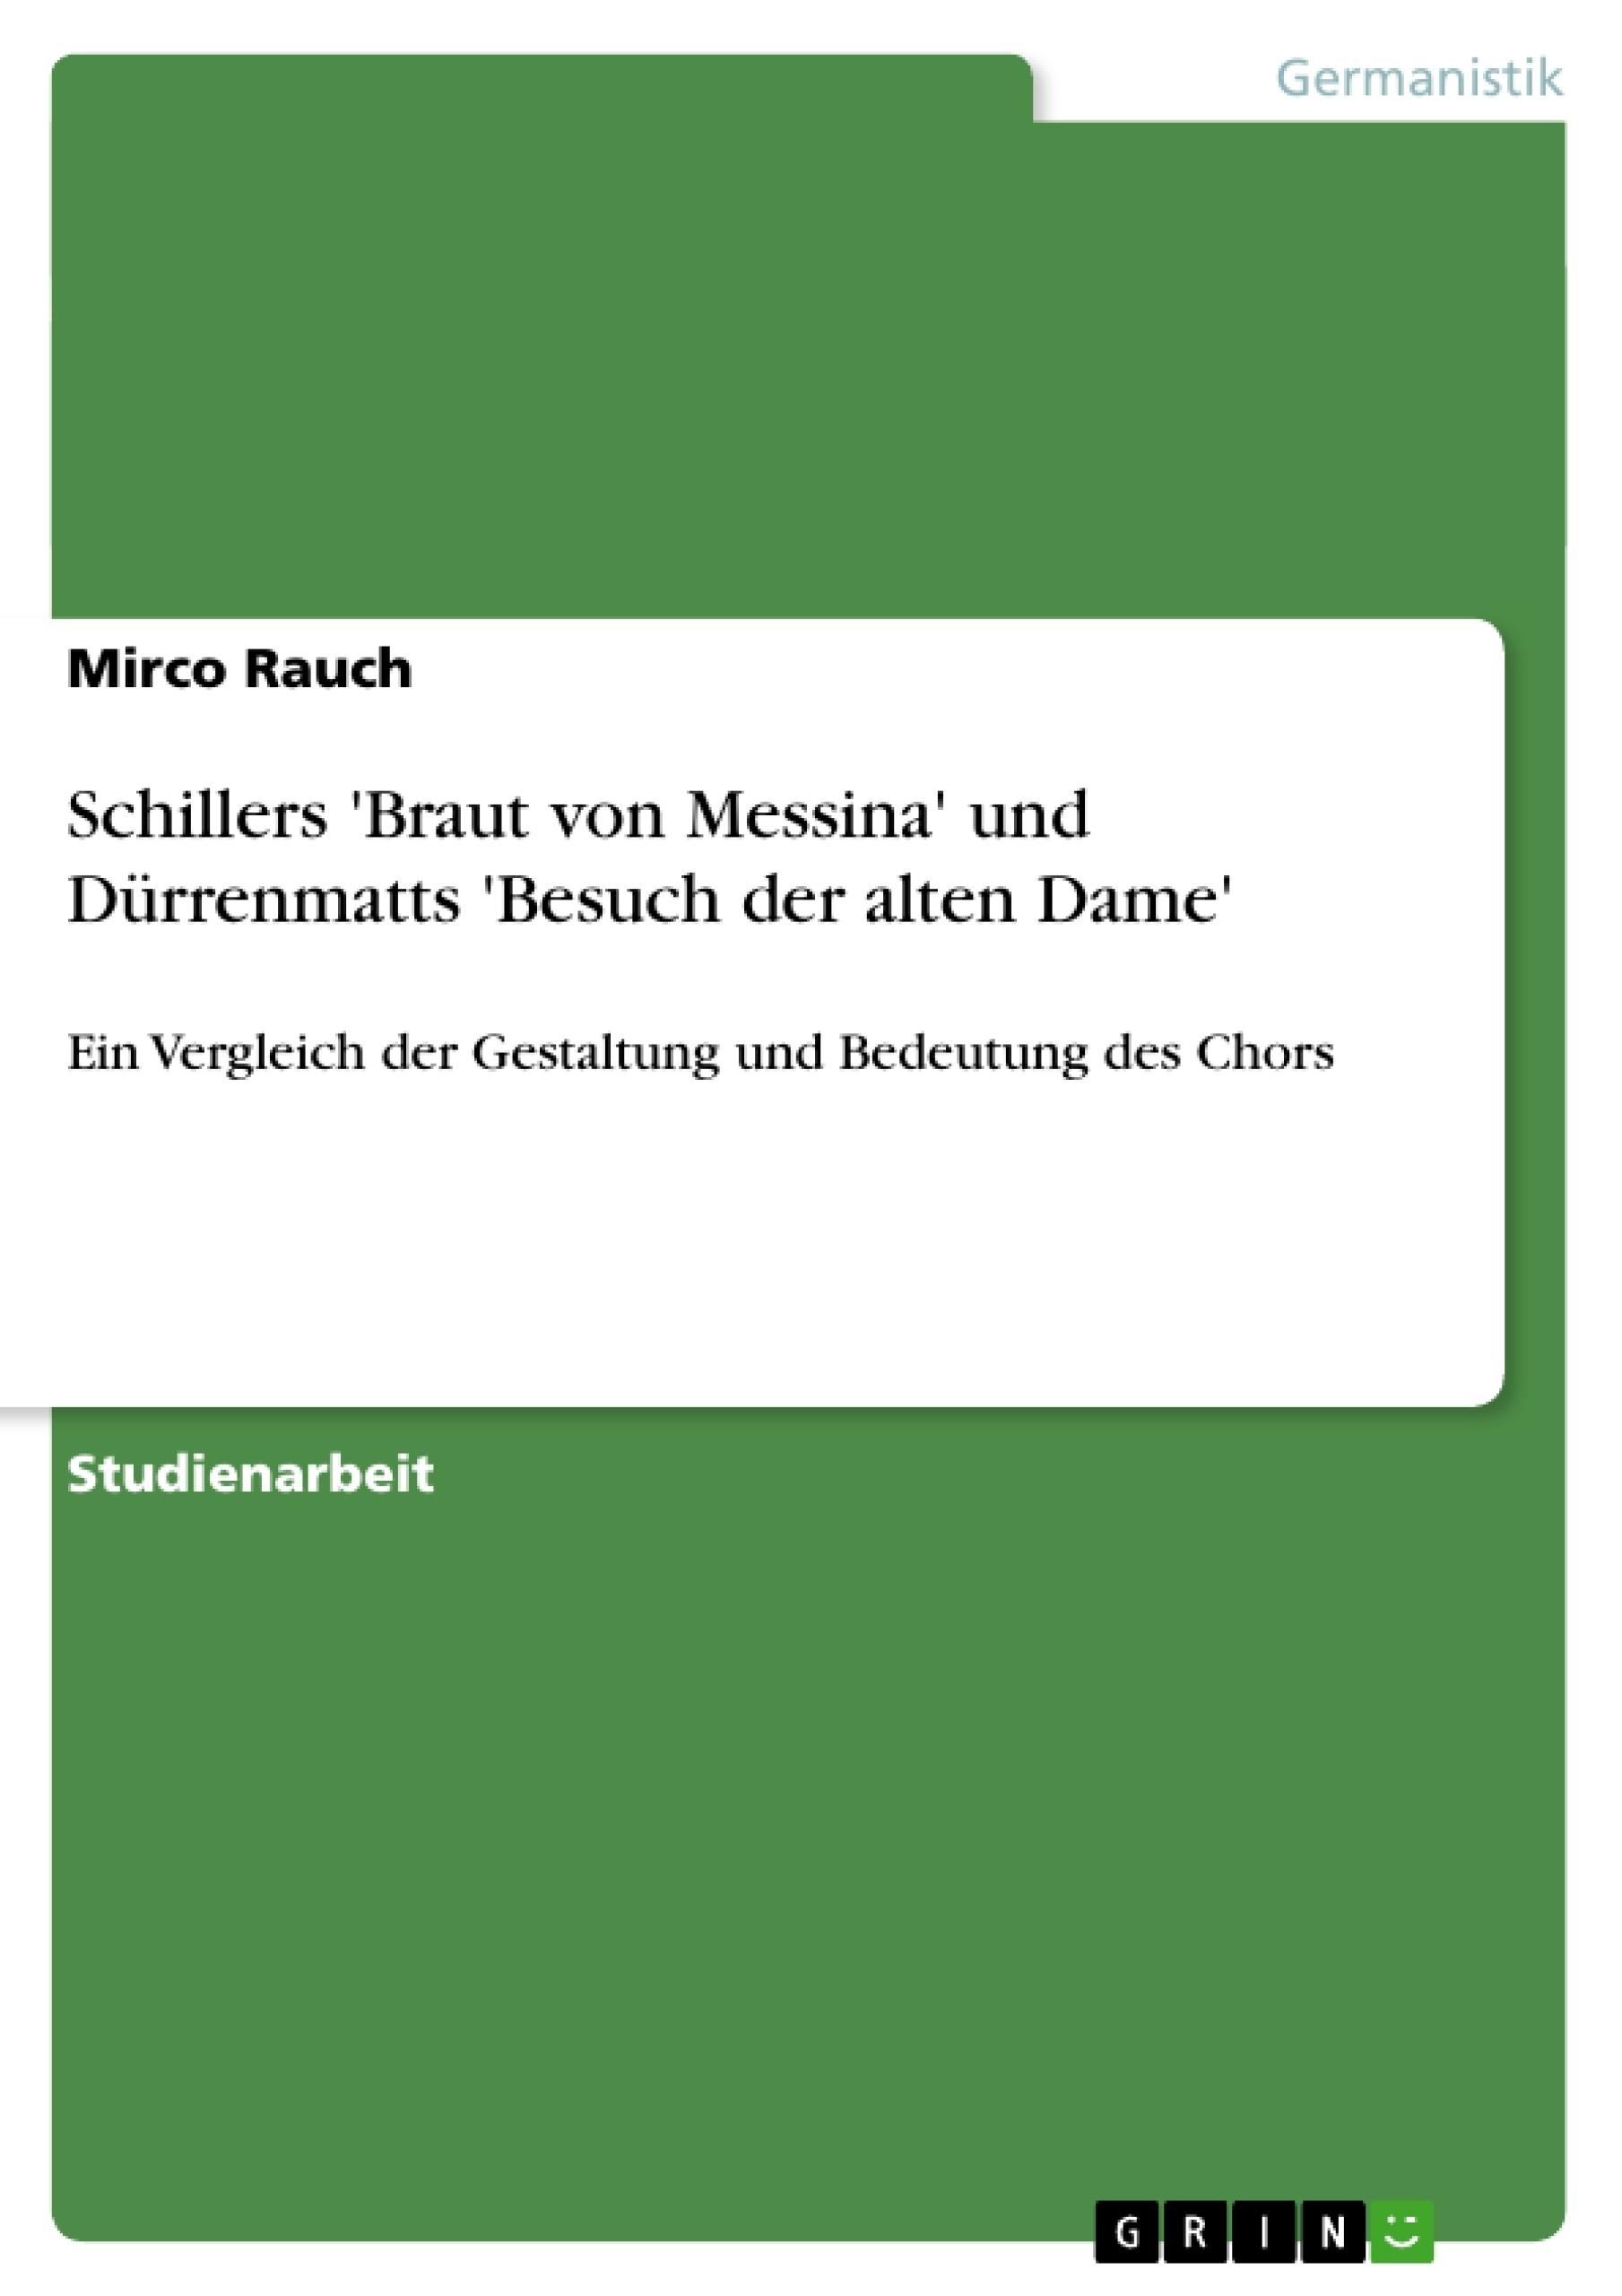 Titel: Schillers 'Braut von Messina' und Dürrenmatts 'Besuch der alten Dame'